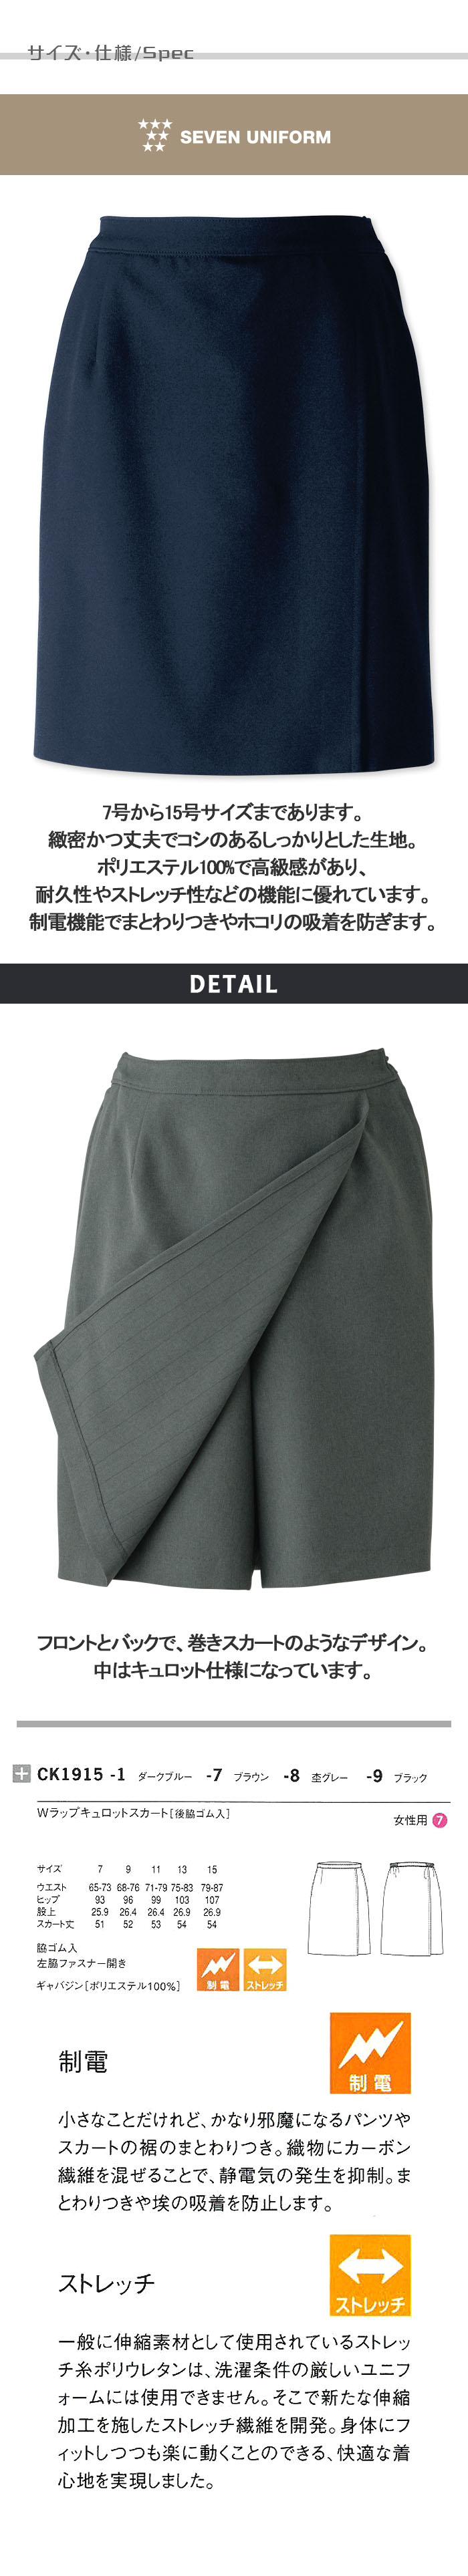 飲食店販売店制服 7~15号 見た目はスカートだけど中はパンツ キュロットスカート【4色】女性用